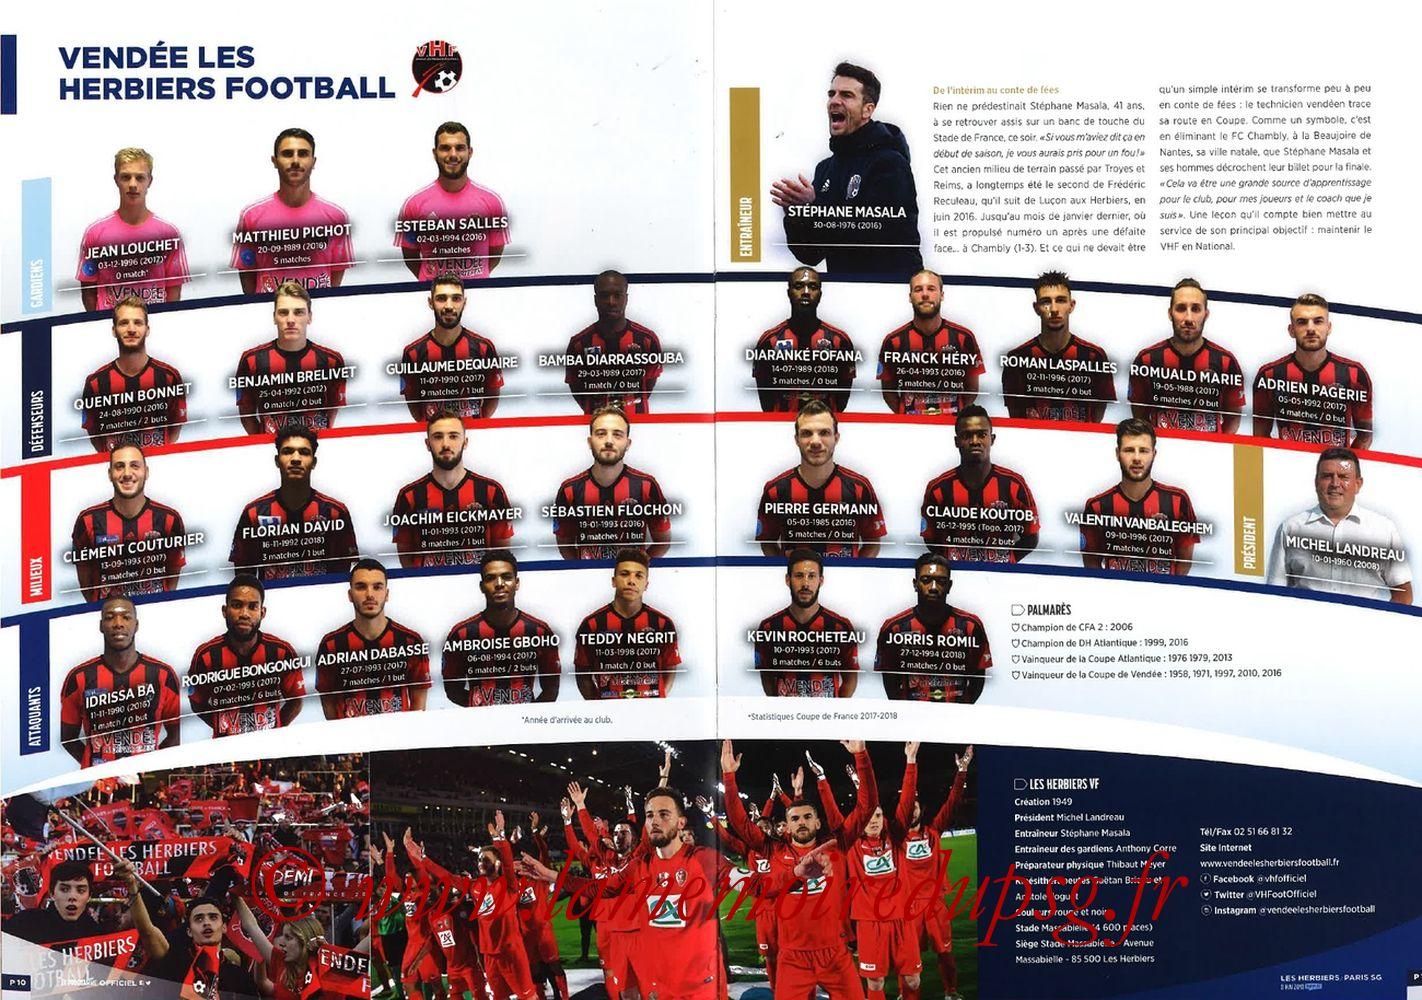 2018-05-08  Les Herbiers-PSG (Finale CF à Saint-Denis, Programme officiel FFF) - Pages 10 et 11